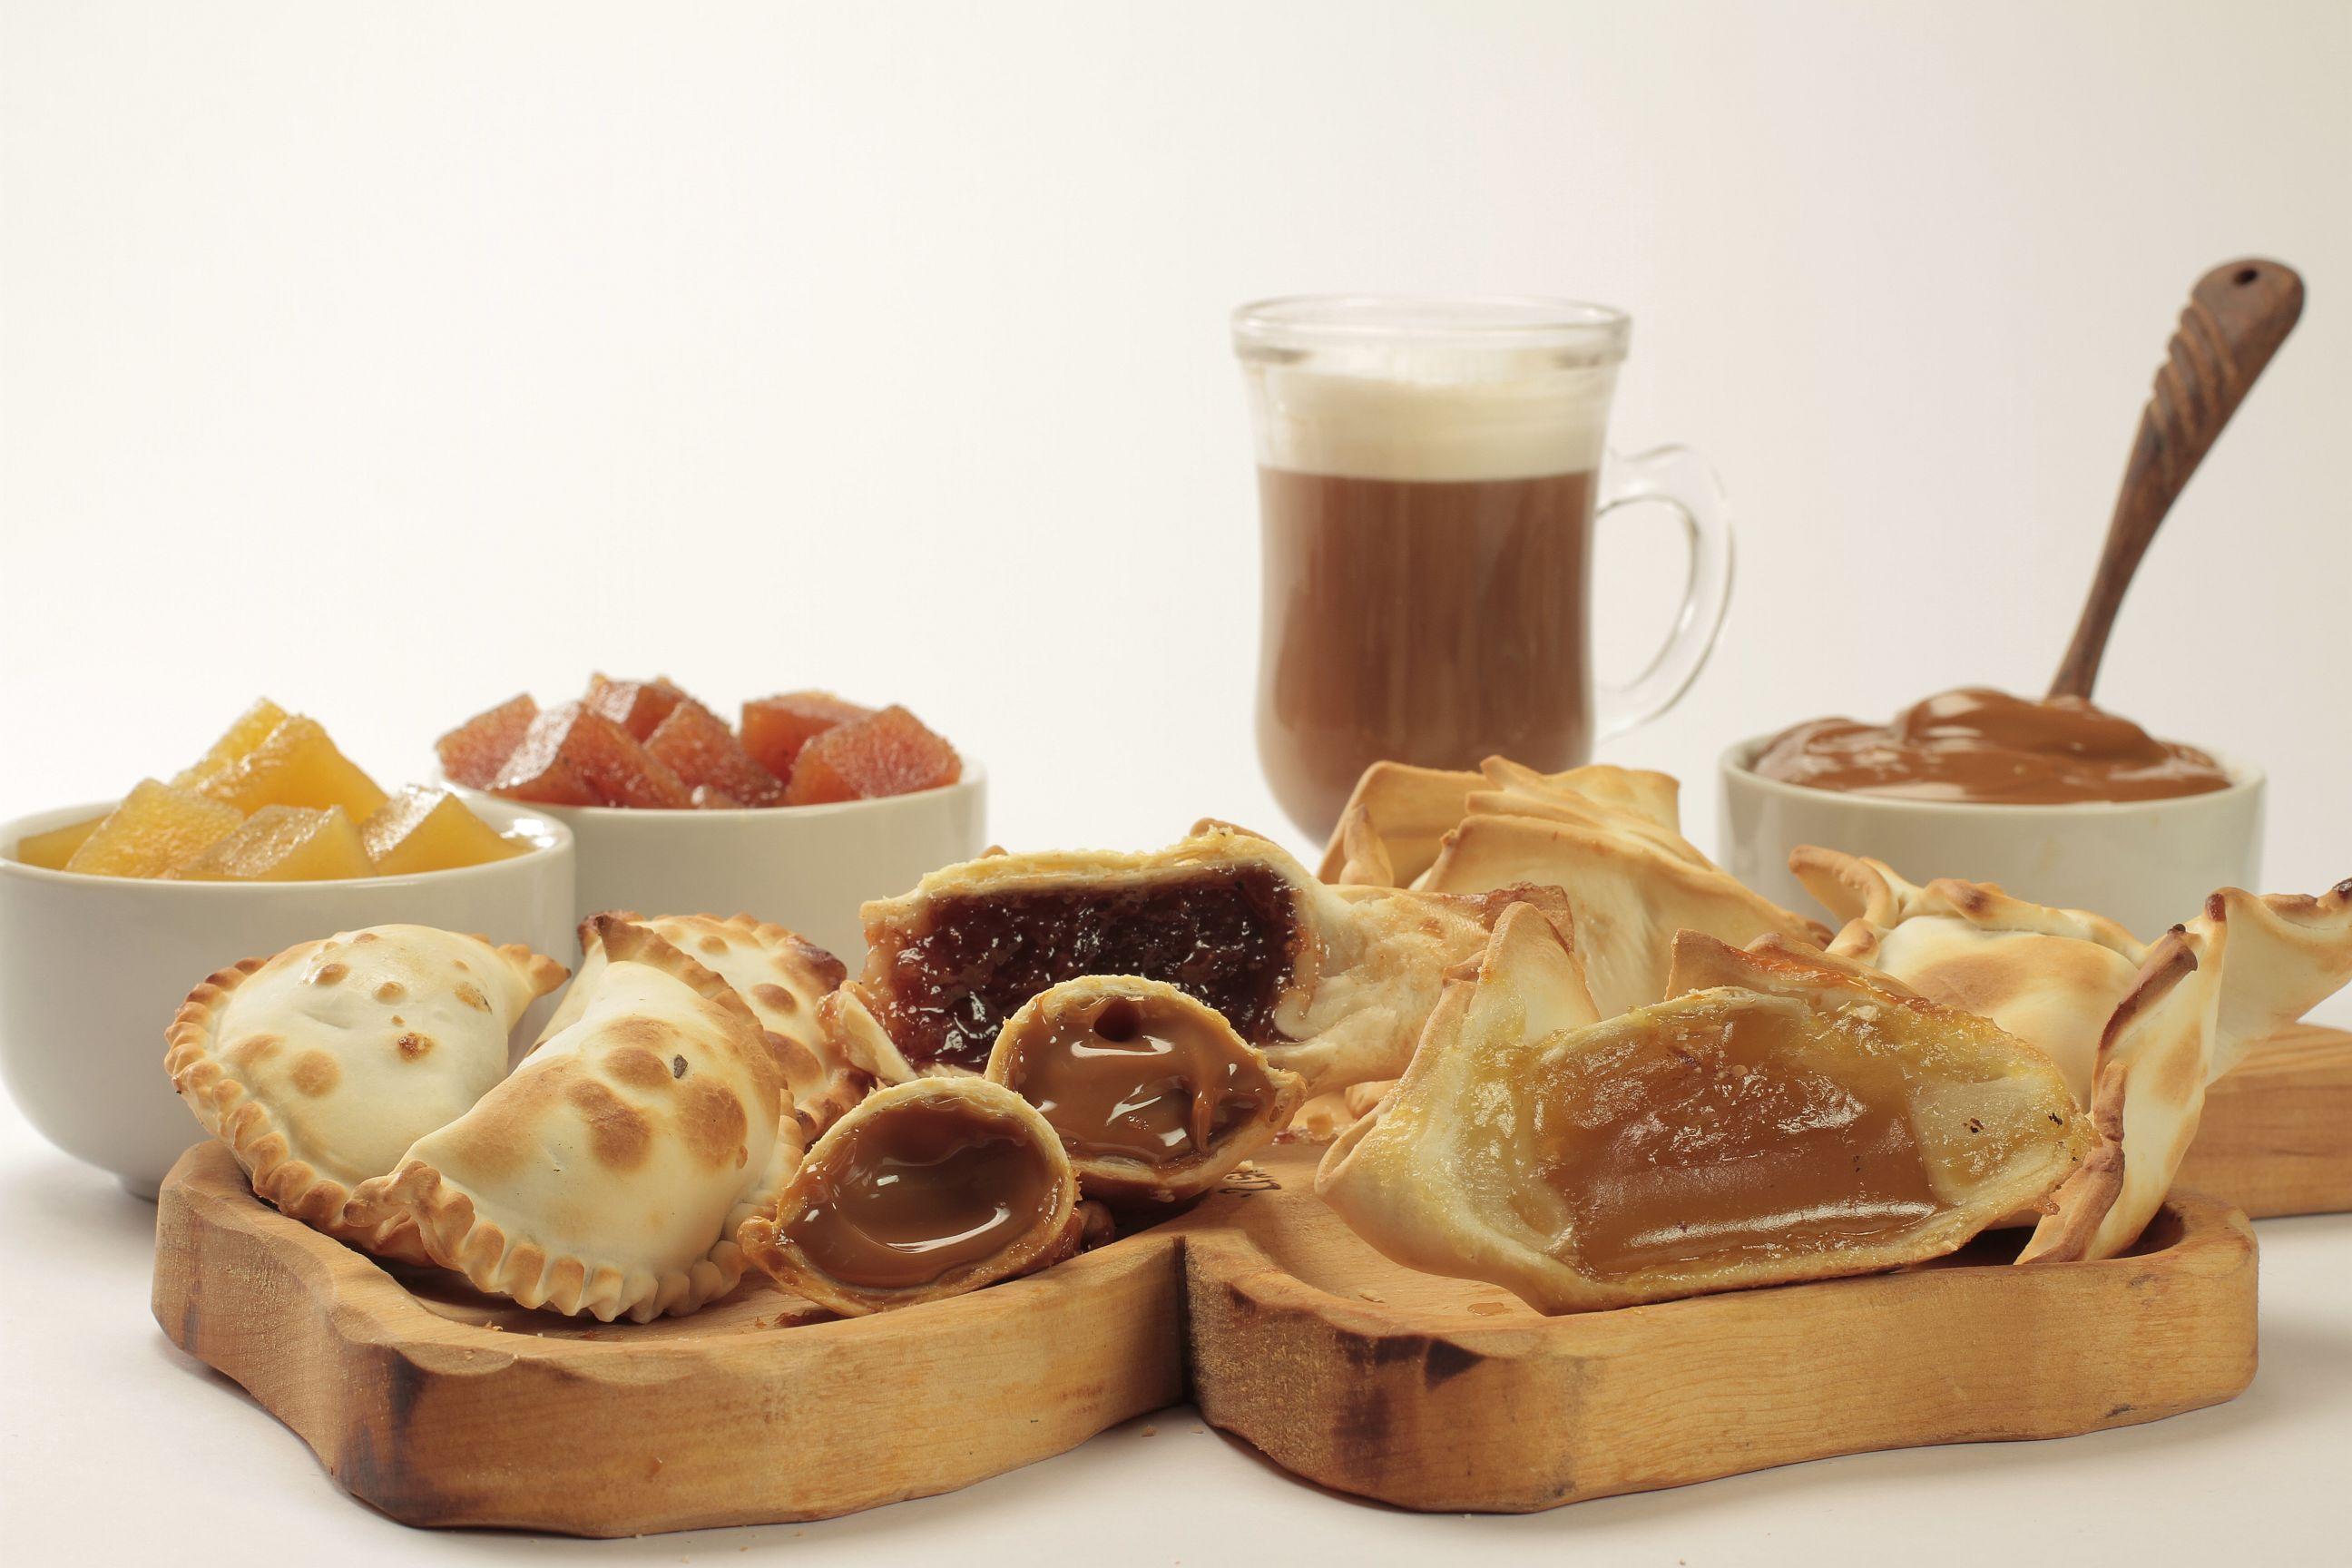 Empandas y pastelitos de batata membrillo y dulce de leche de Cumen Cumen